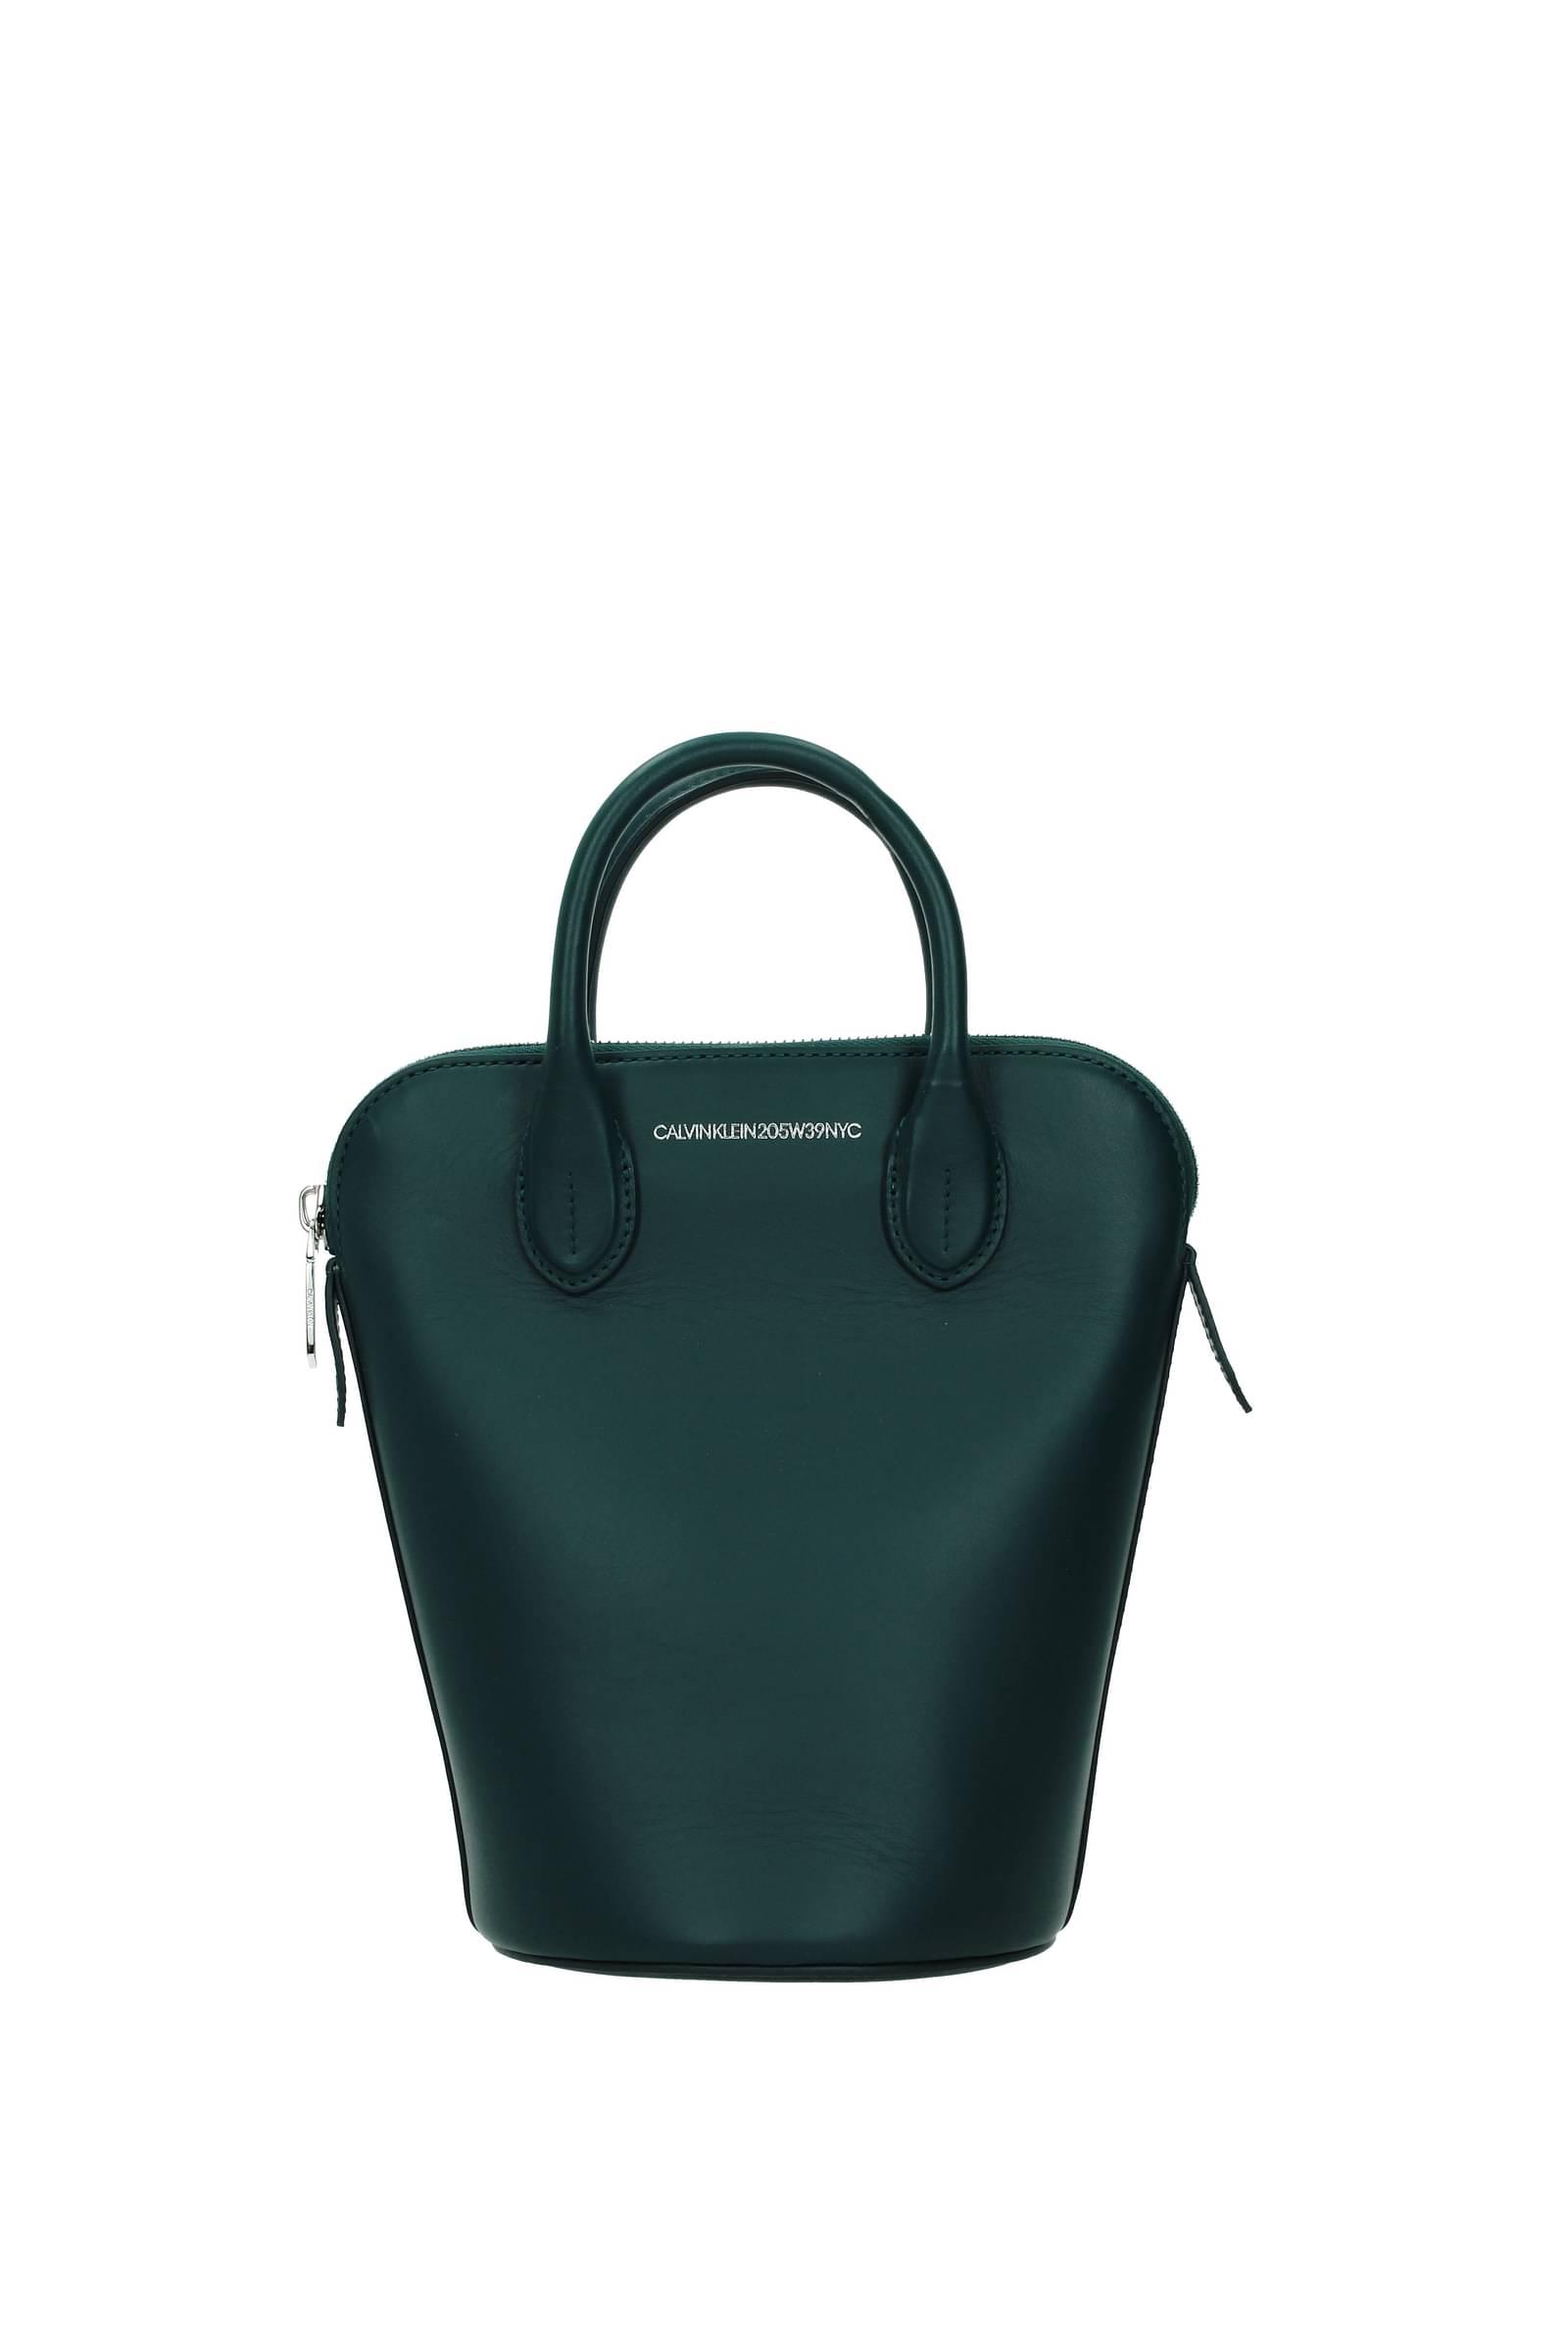 Calvin Klein K3yla Suede Bucket Bag Black in schwarz